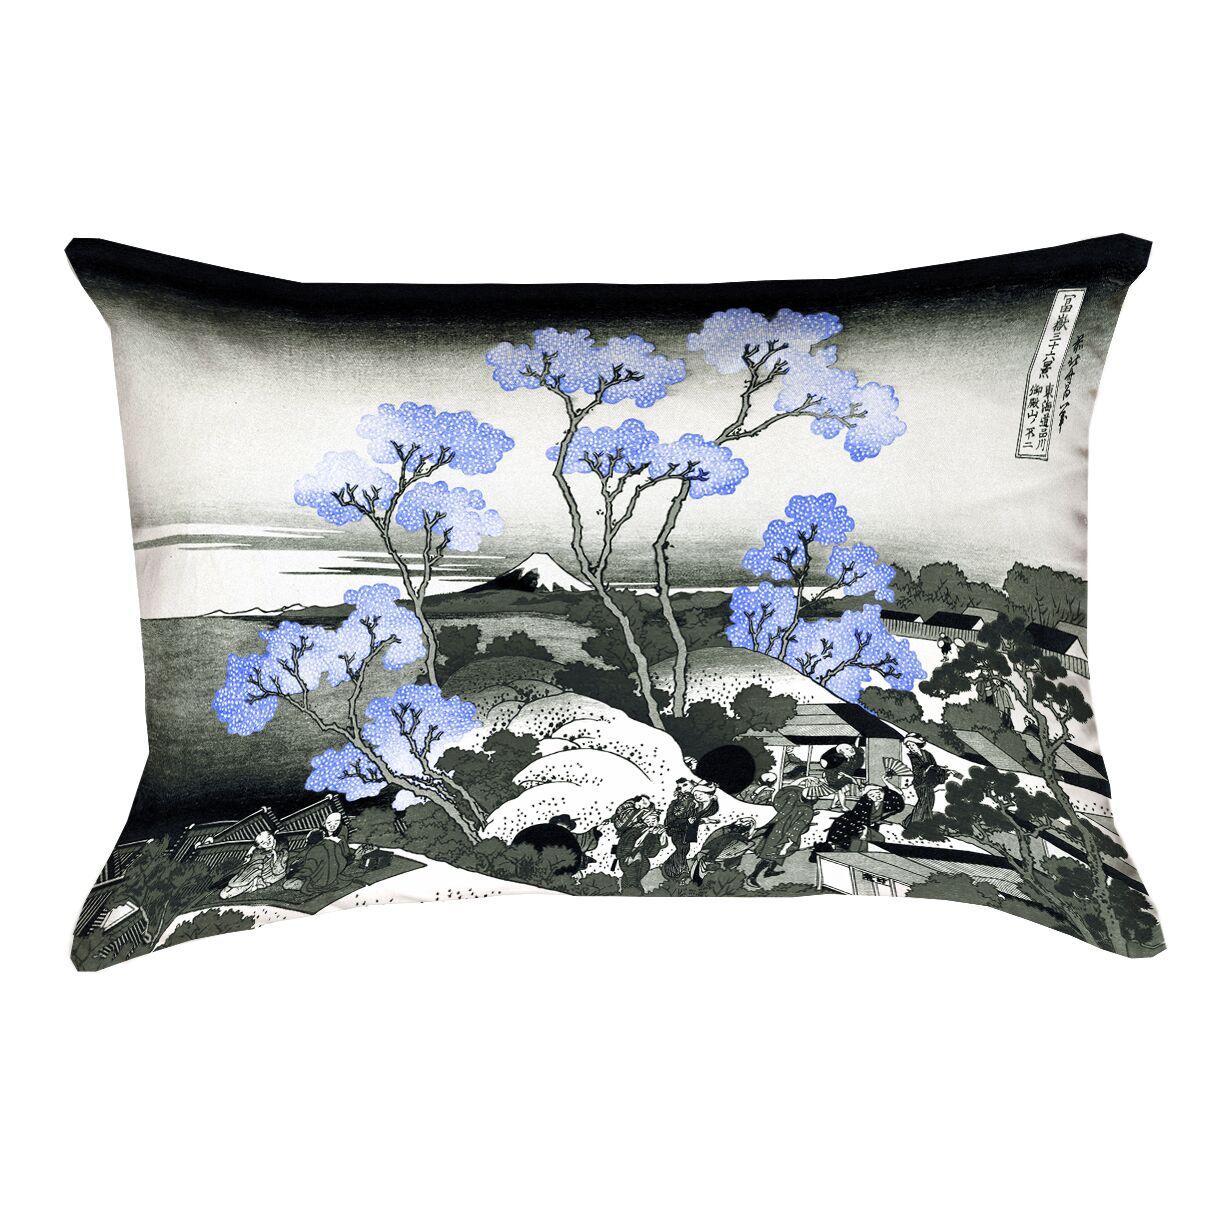 Clair Fuji and Cherry Blossoms Rectangular Lumbar Pillow Color: Blue